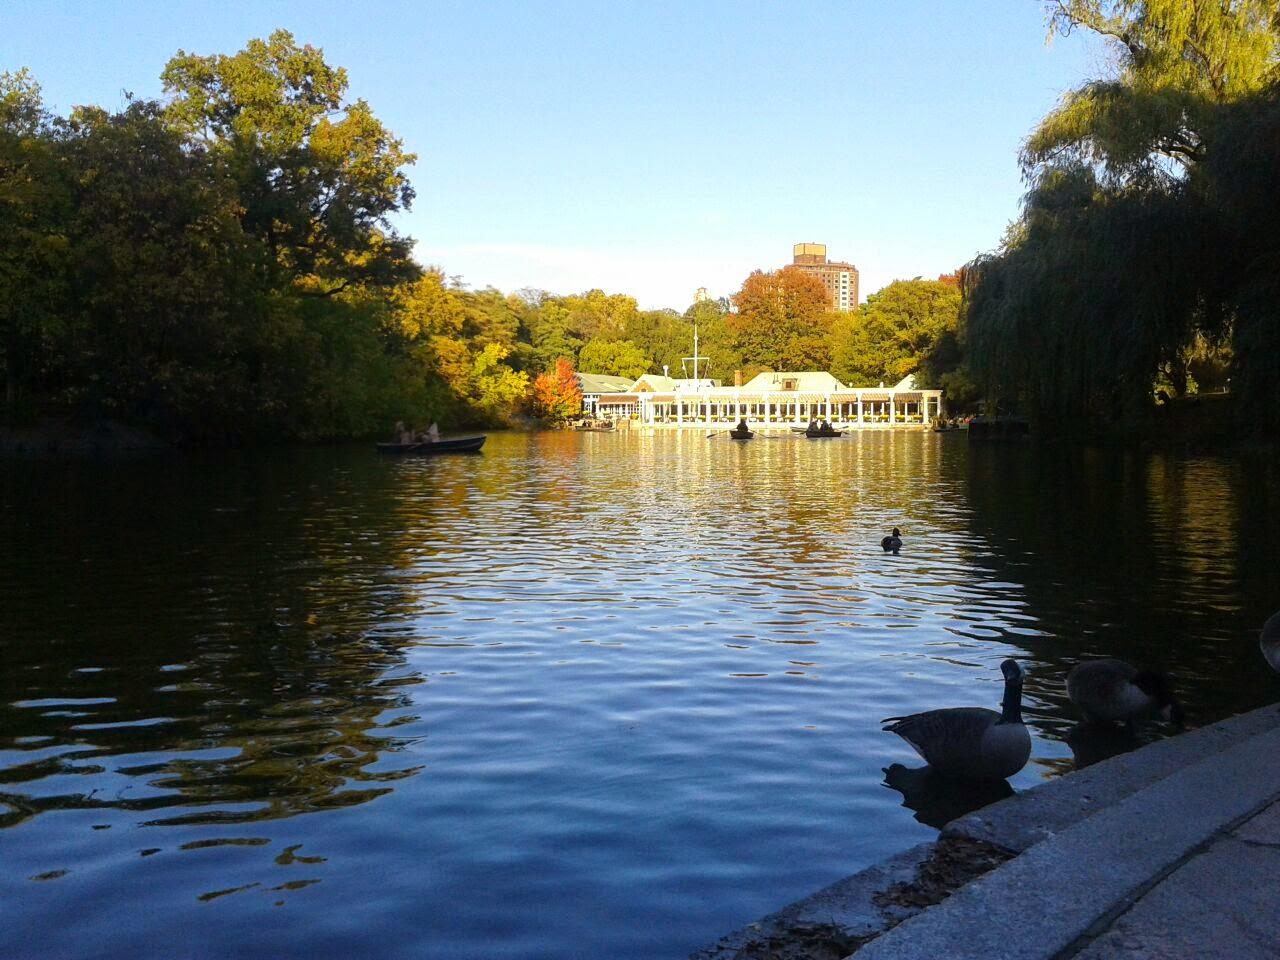 imagen de Embarcadero en lago de Central Park, Nueva York